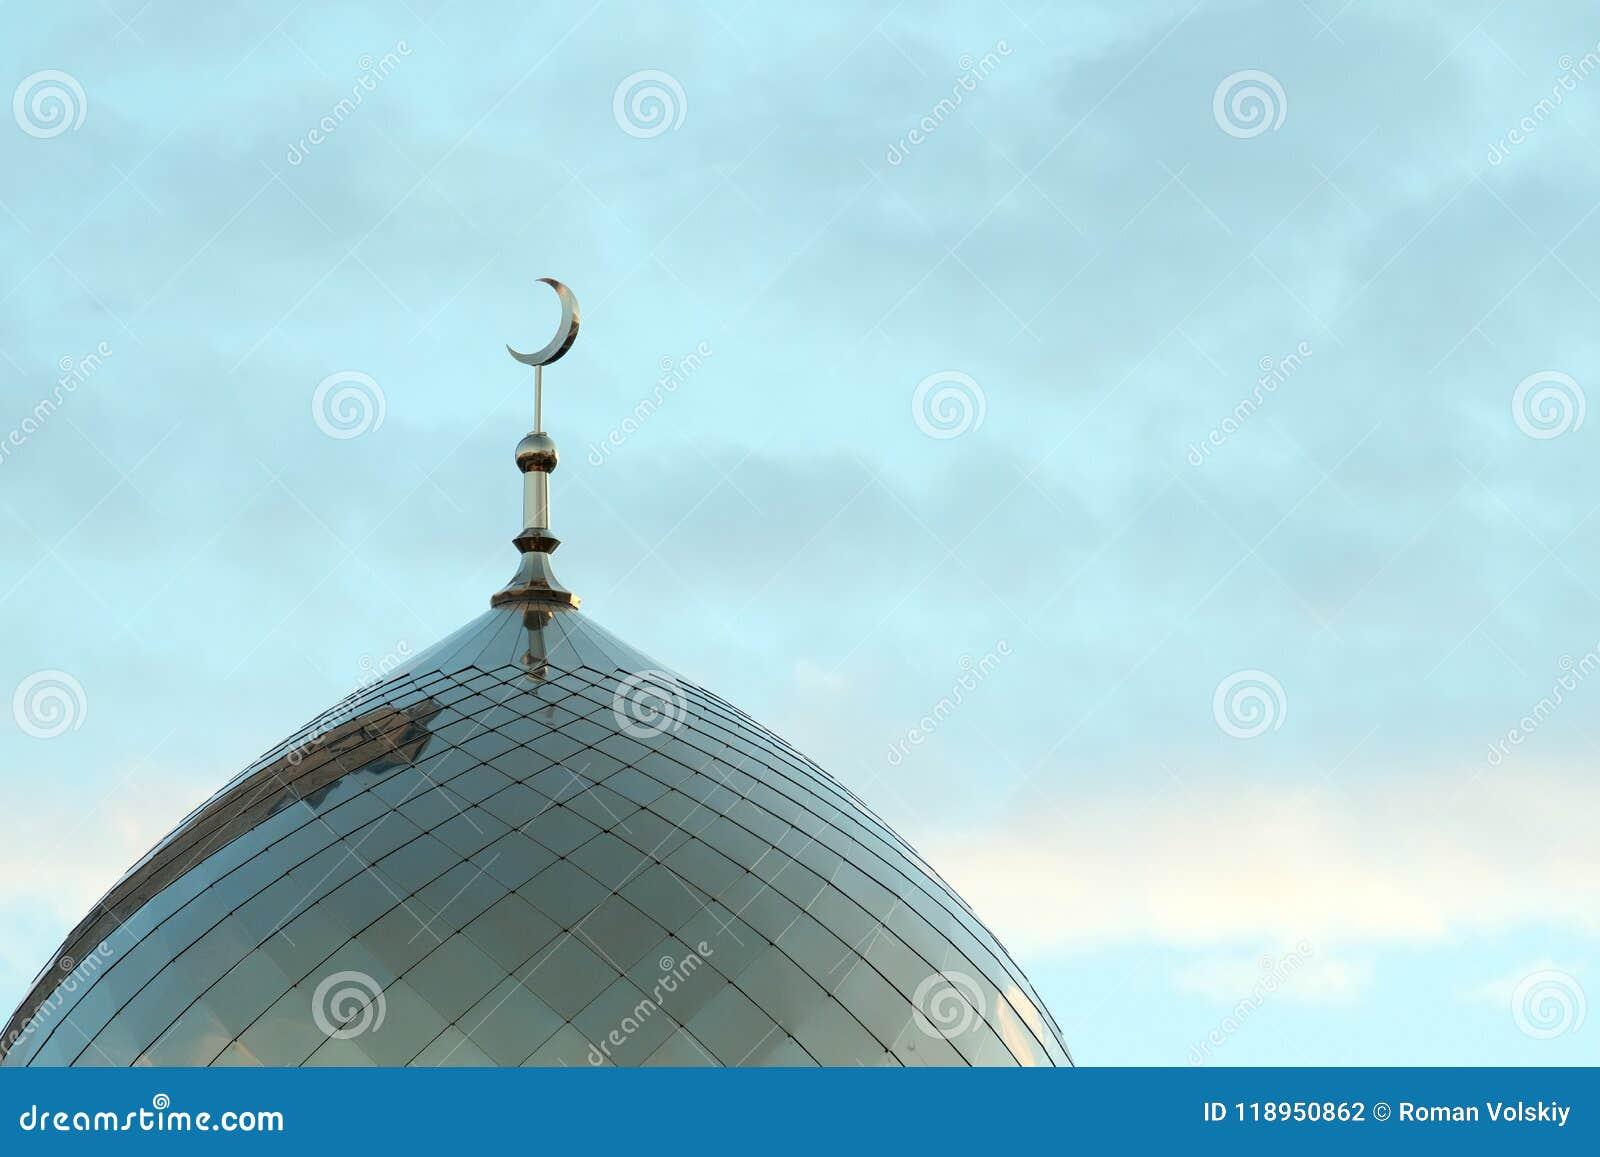 El símbolo del Islam es una luna creciente de oro encima del alminar de la mezquita en el cielo azul de la mañana con las nubes